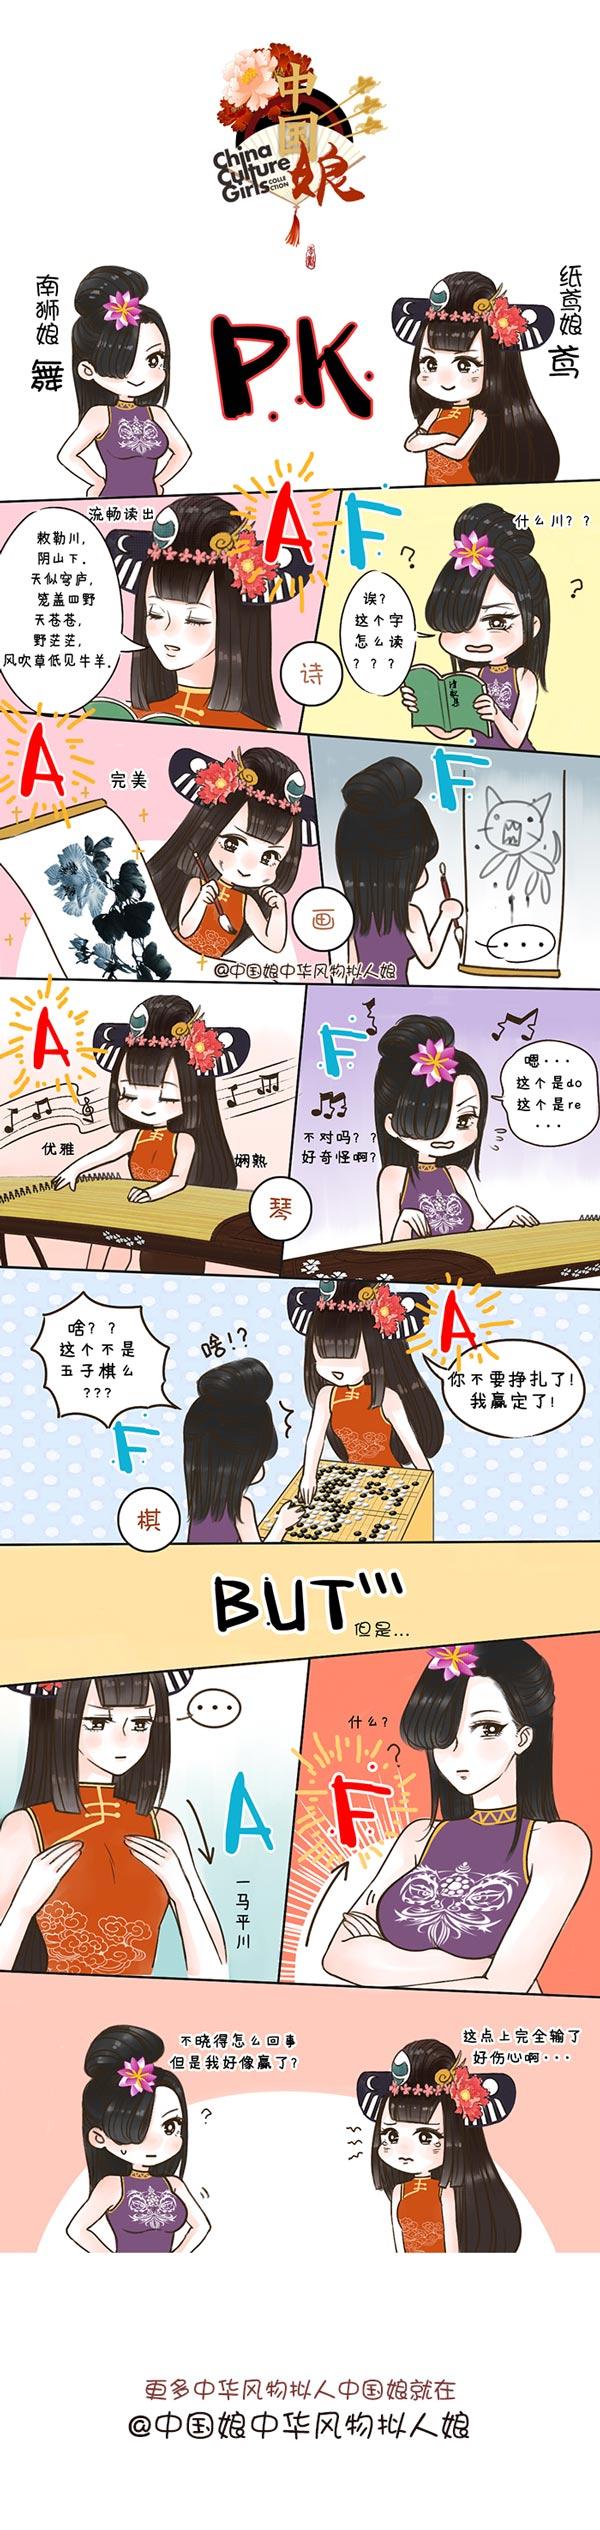 优秀女孩连胸都是a-中国娘小漫画